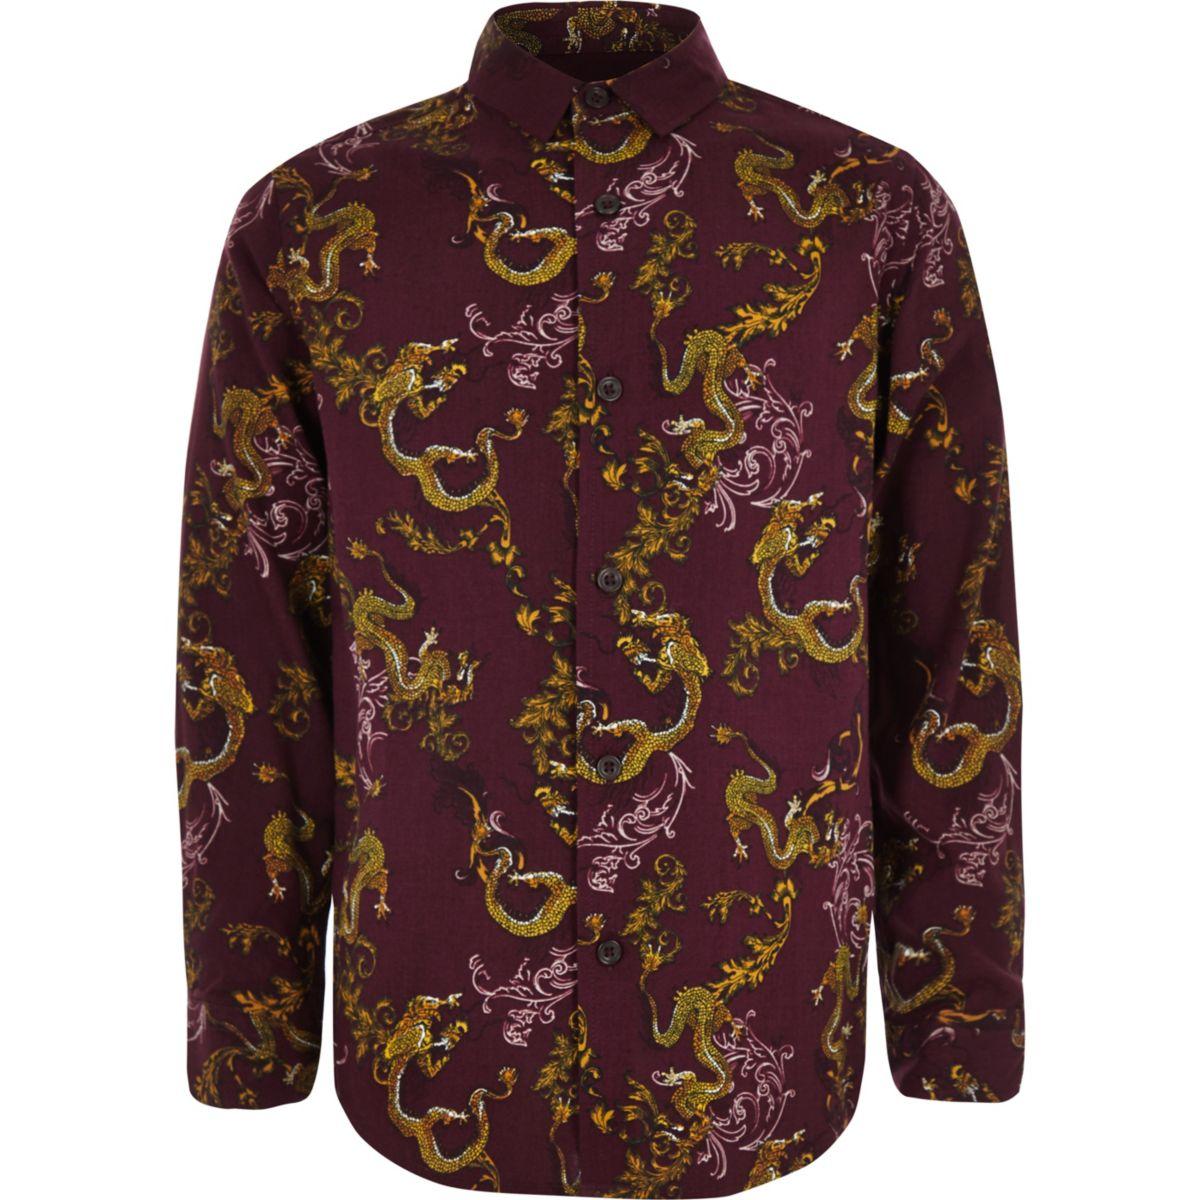 Boys red dragon print long sleeve shirt